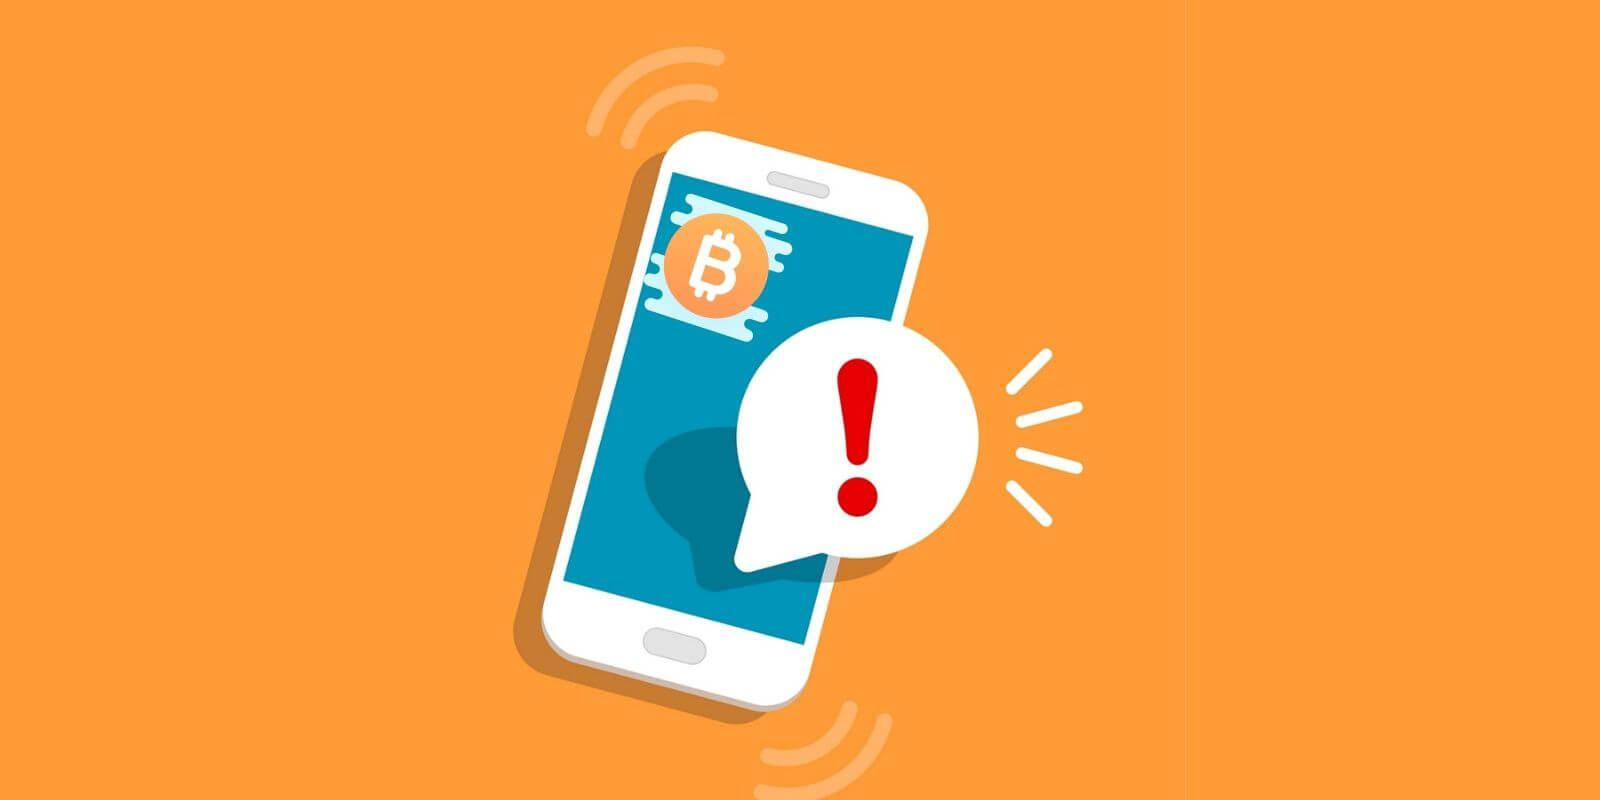 Alerte de sécurité: une vulnérabilité découverte sur iOS Mail, l'appli de messagerie d'Apple